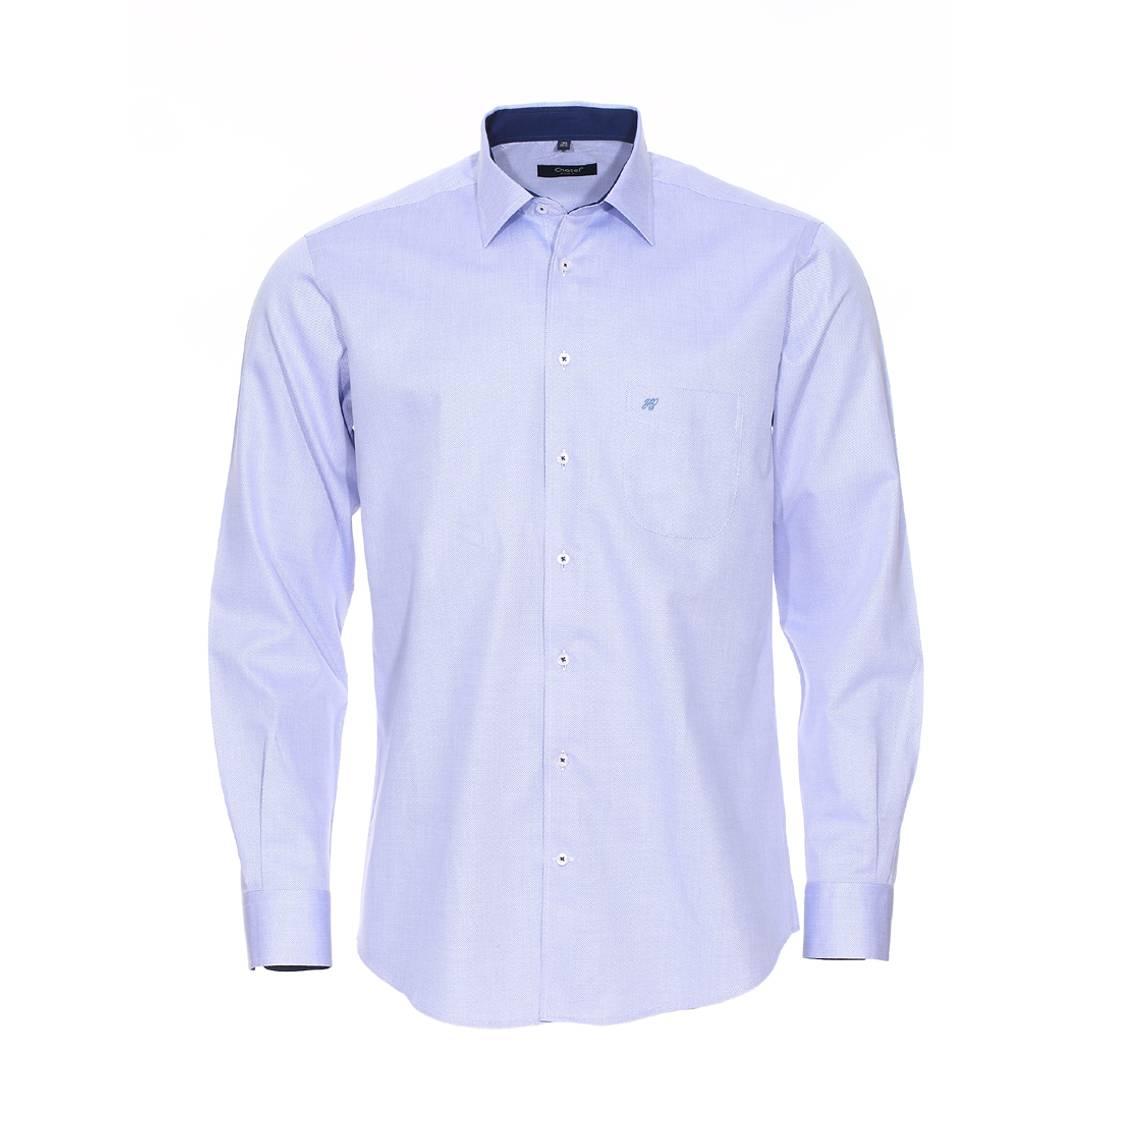 Chemise coupe droite  en coton bleu ciel à motifs